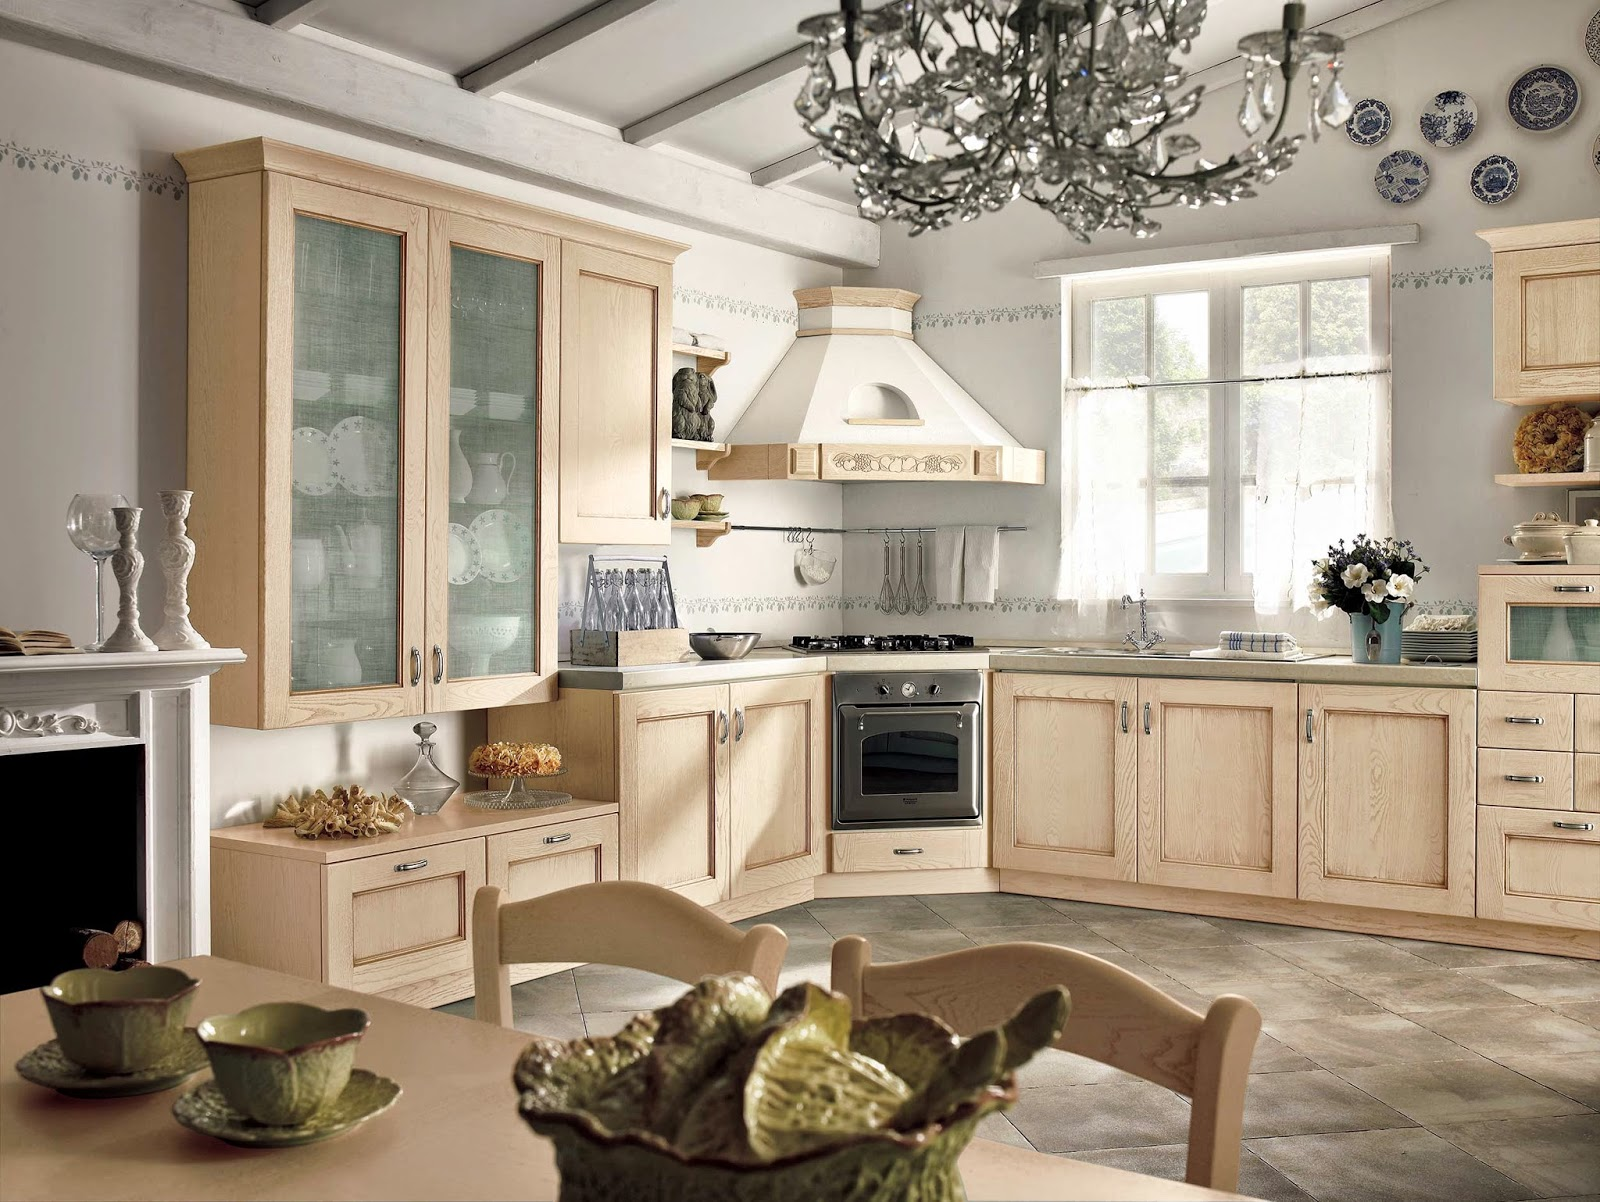 Cucine Con Cappa Ad Angolo | Cucine Piccole Ad Angolo Cucine ...